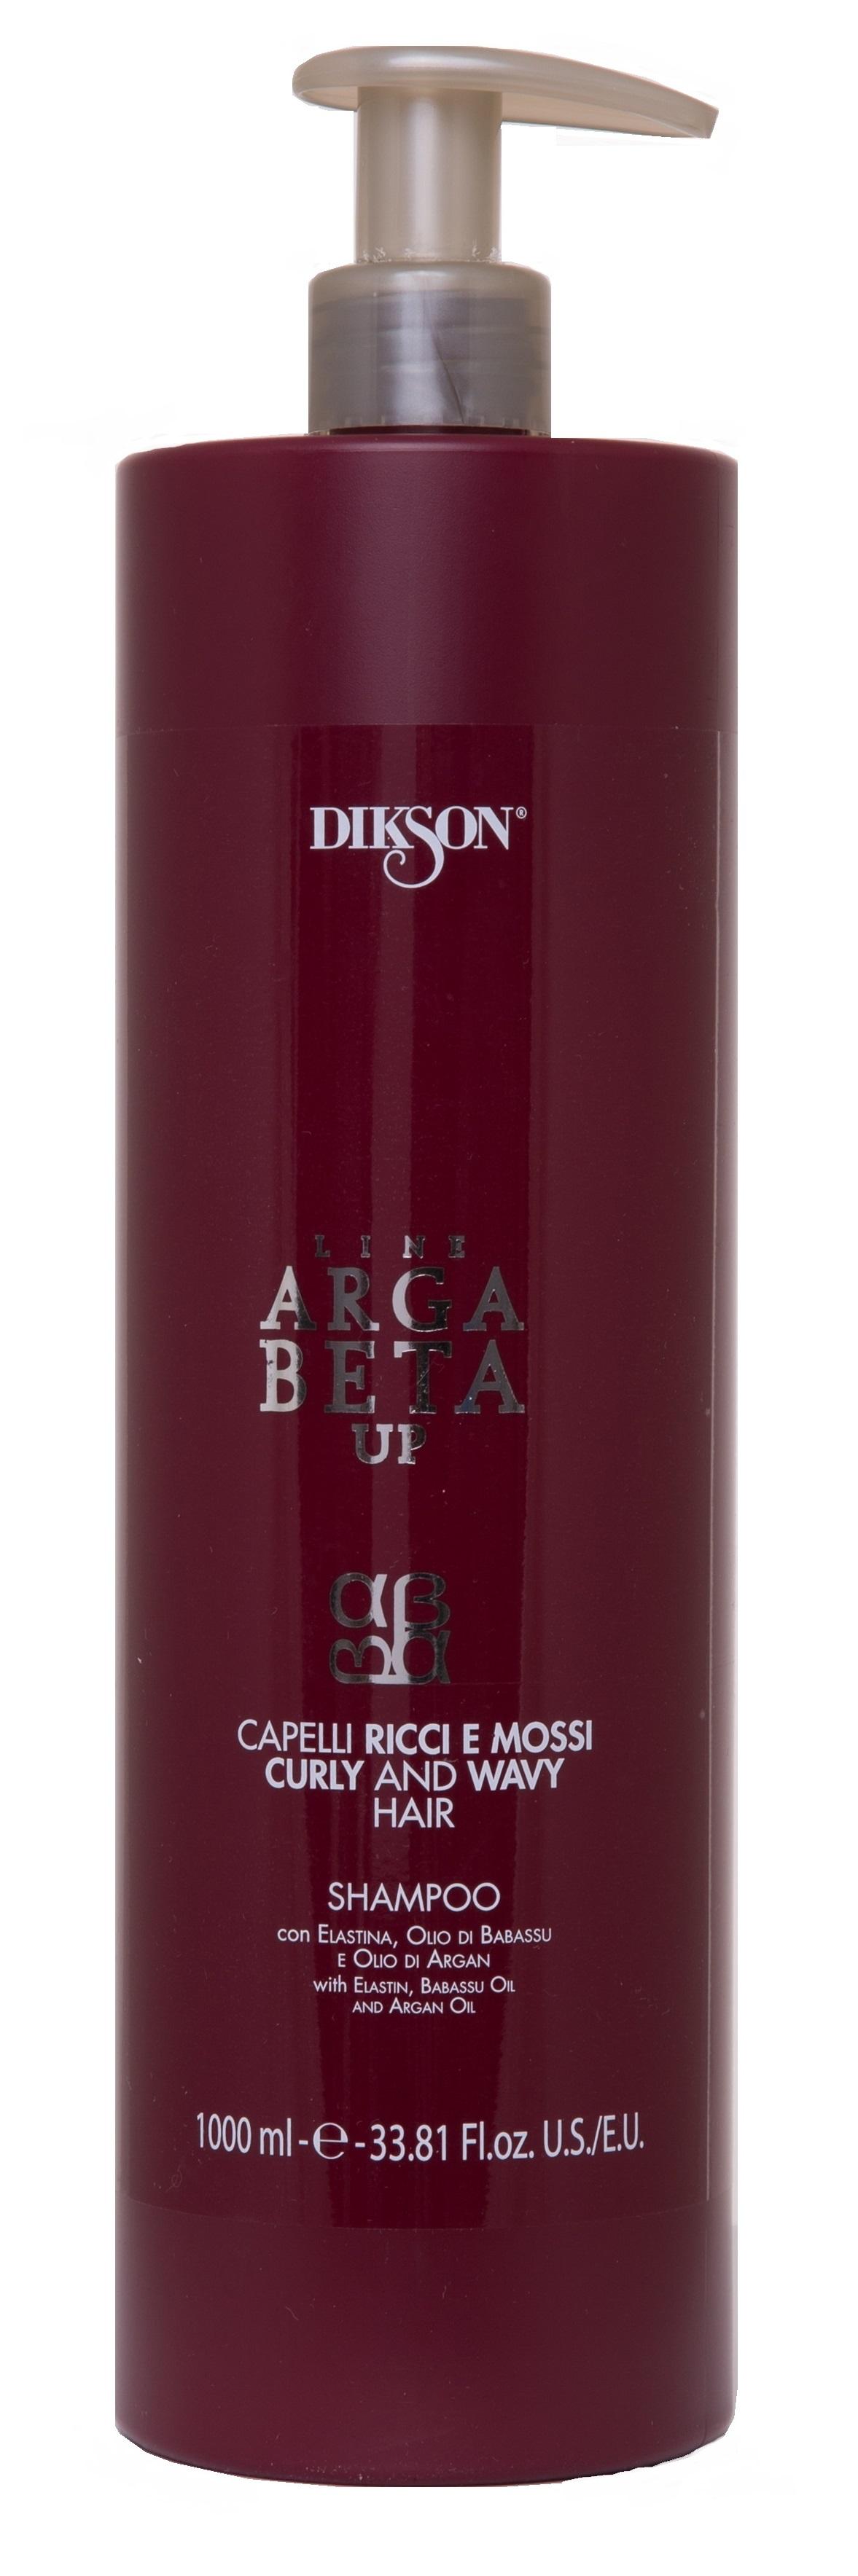 Купить DIKSON Шампунь для вьющихся волос / ARGABETA UP Shampoo for dyed andtreated hair 1000 мл